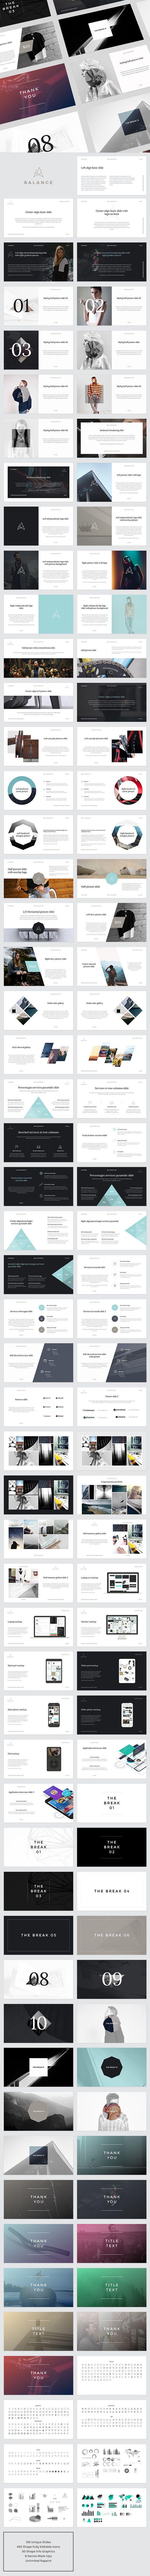 BALANCE Keynote Presentation Template #design #slides Download: http://graphicriver.net/item/balance-keynote-presentation/14292727?ref=ksioks